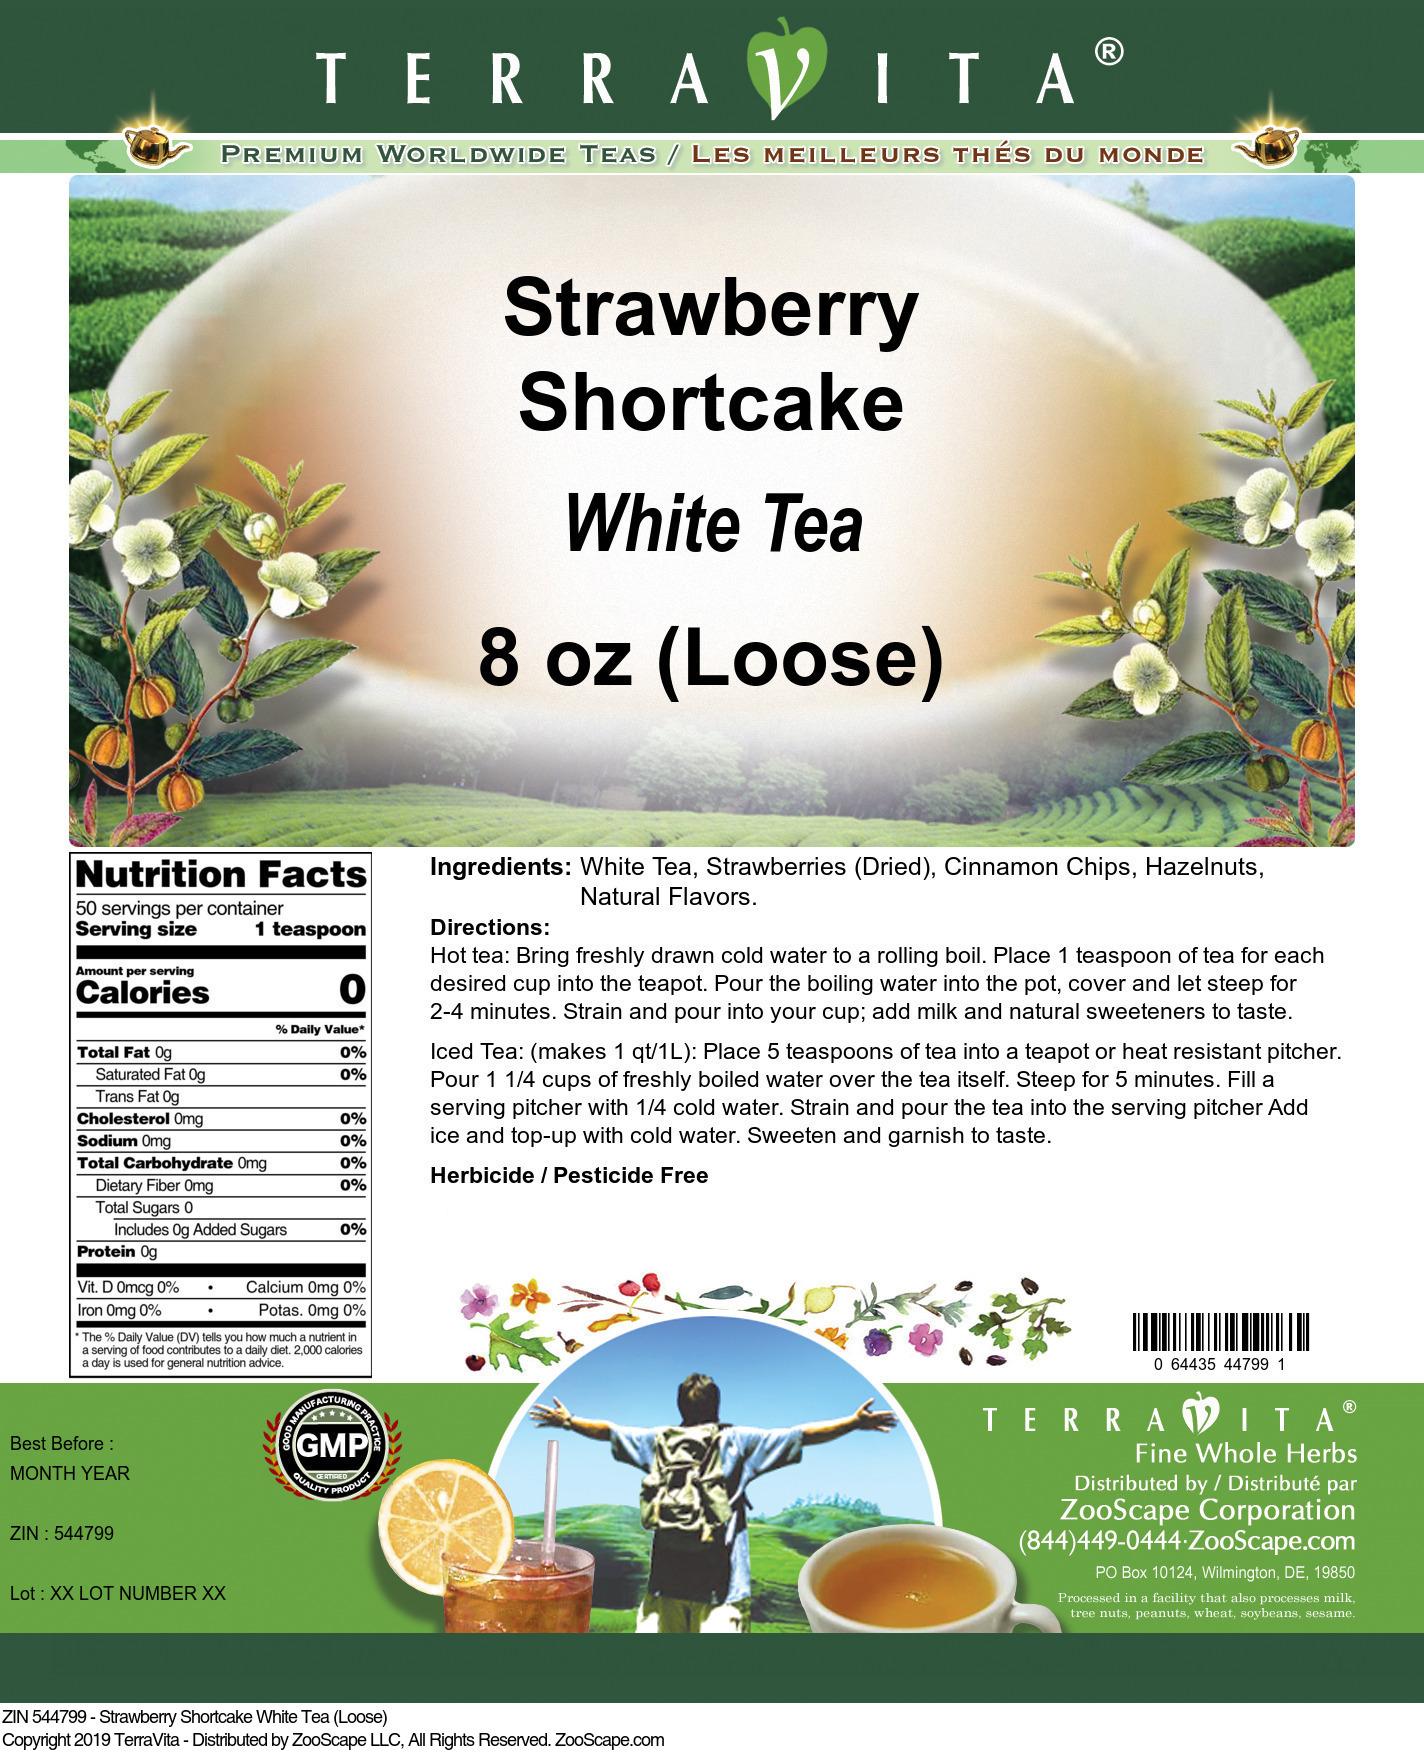 Strawberry Shortcake White Tea